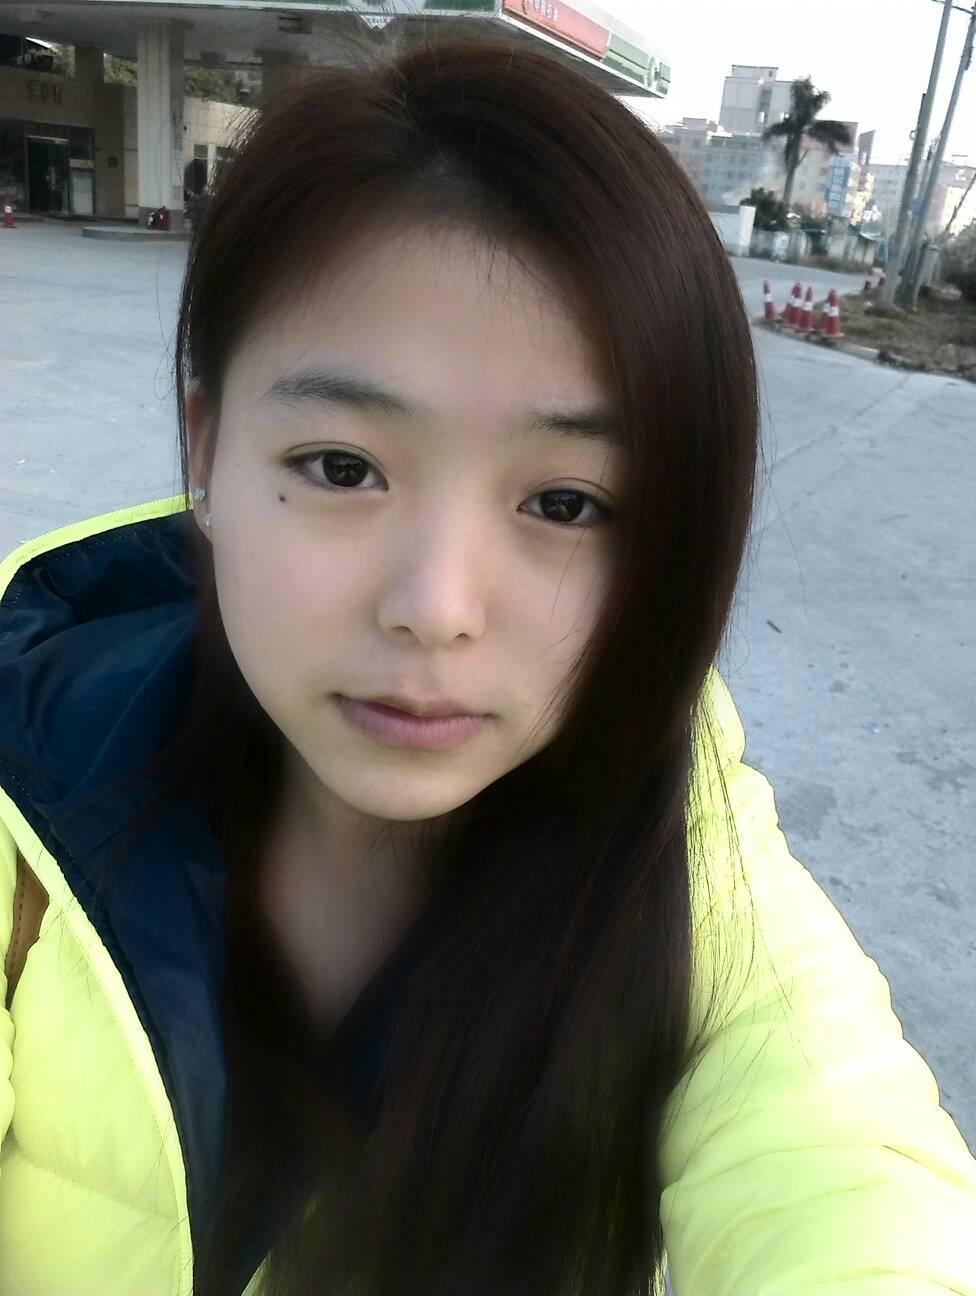 胖美女齐刘海分享展示图片图片